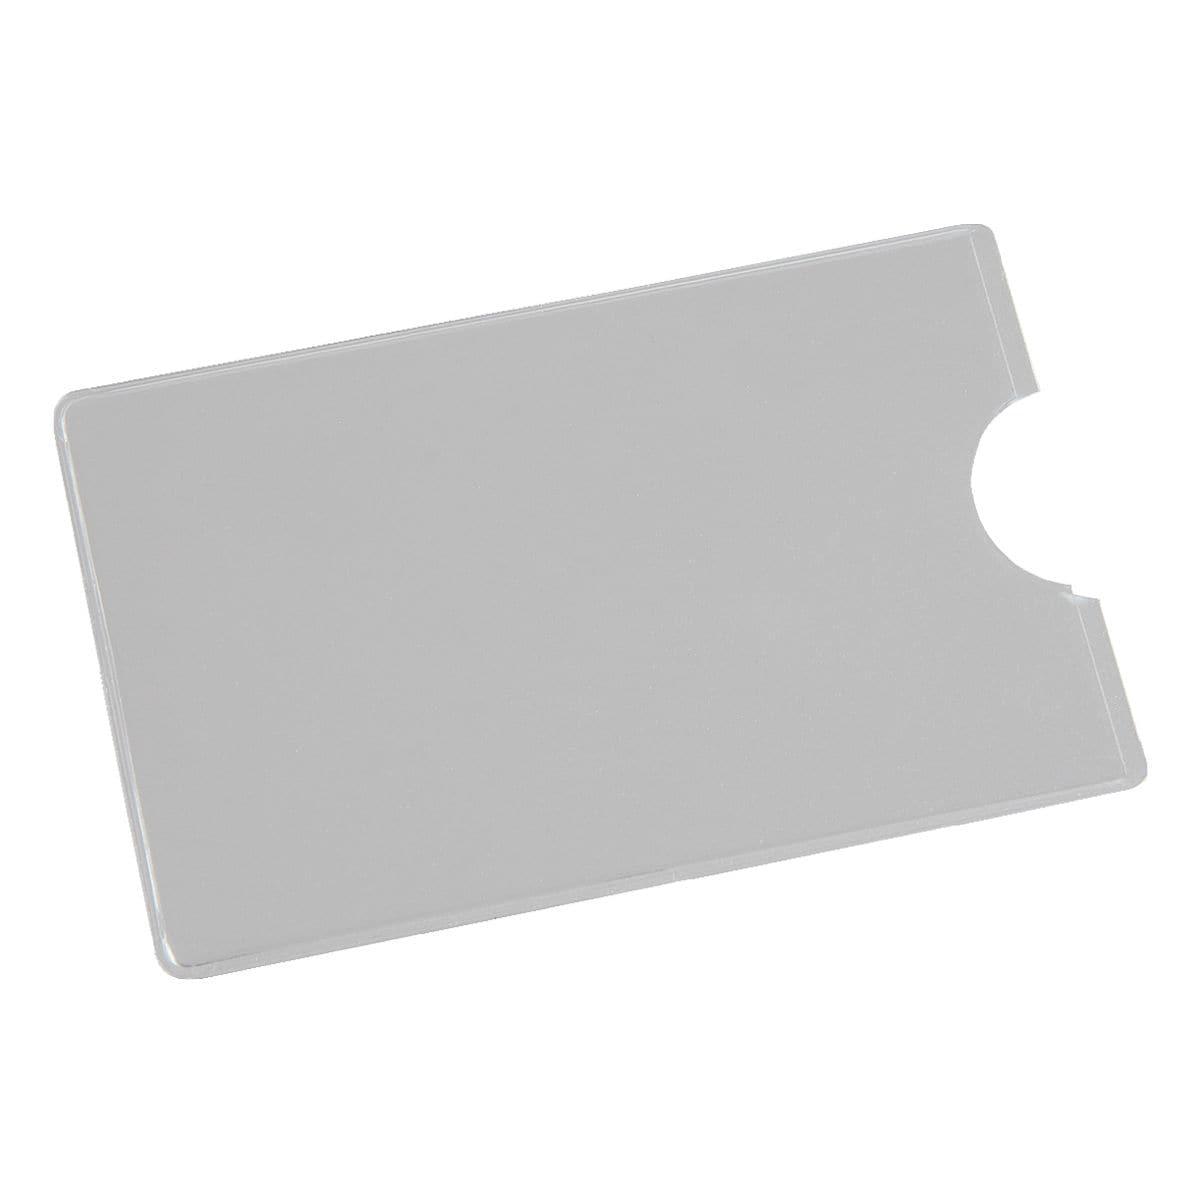 EICHNER Scheckkartenhülle